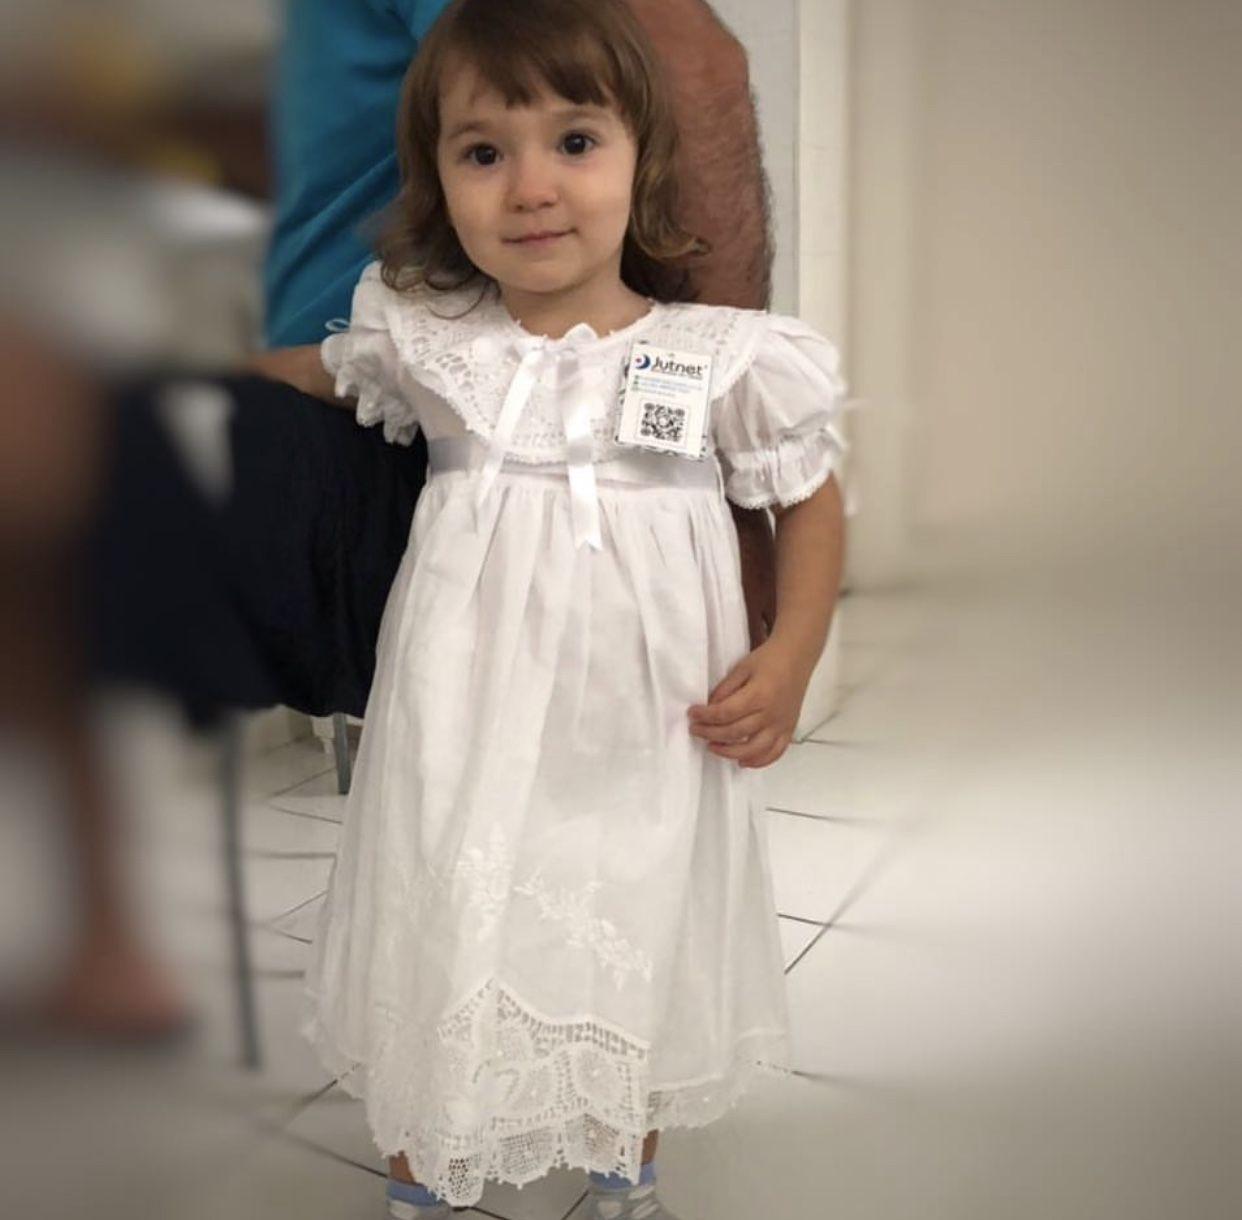 Vestido Bordado a Mão com Renda Renascença 2 Anos  - Bordados do Ceará - Jutnet